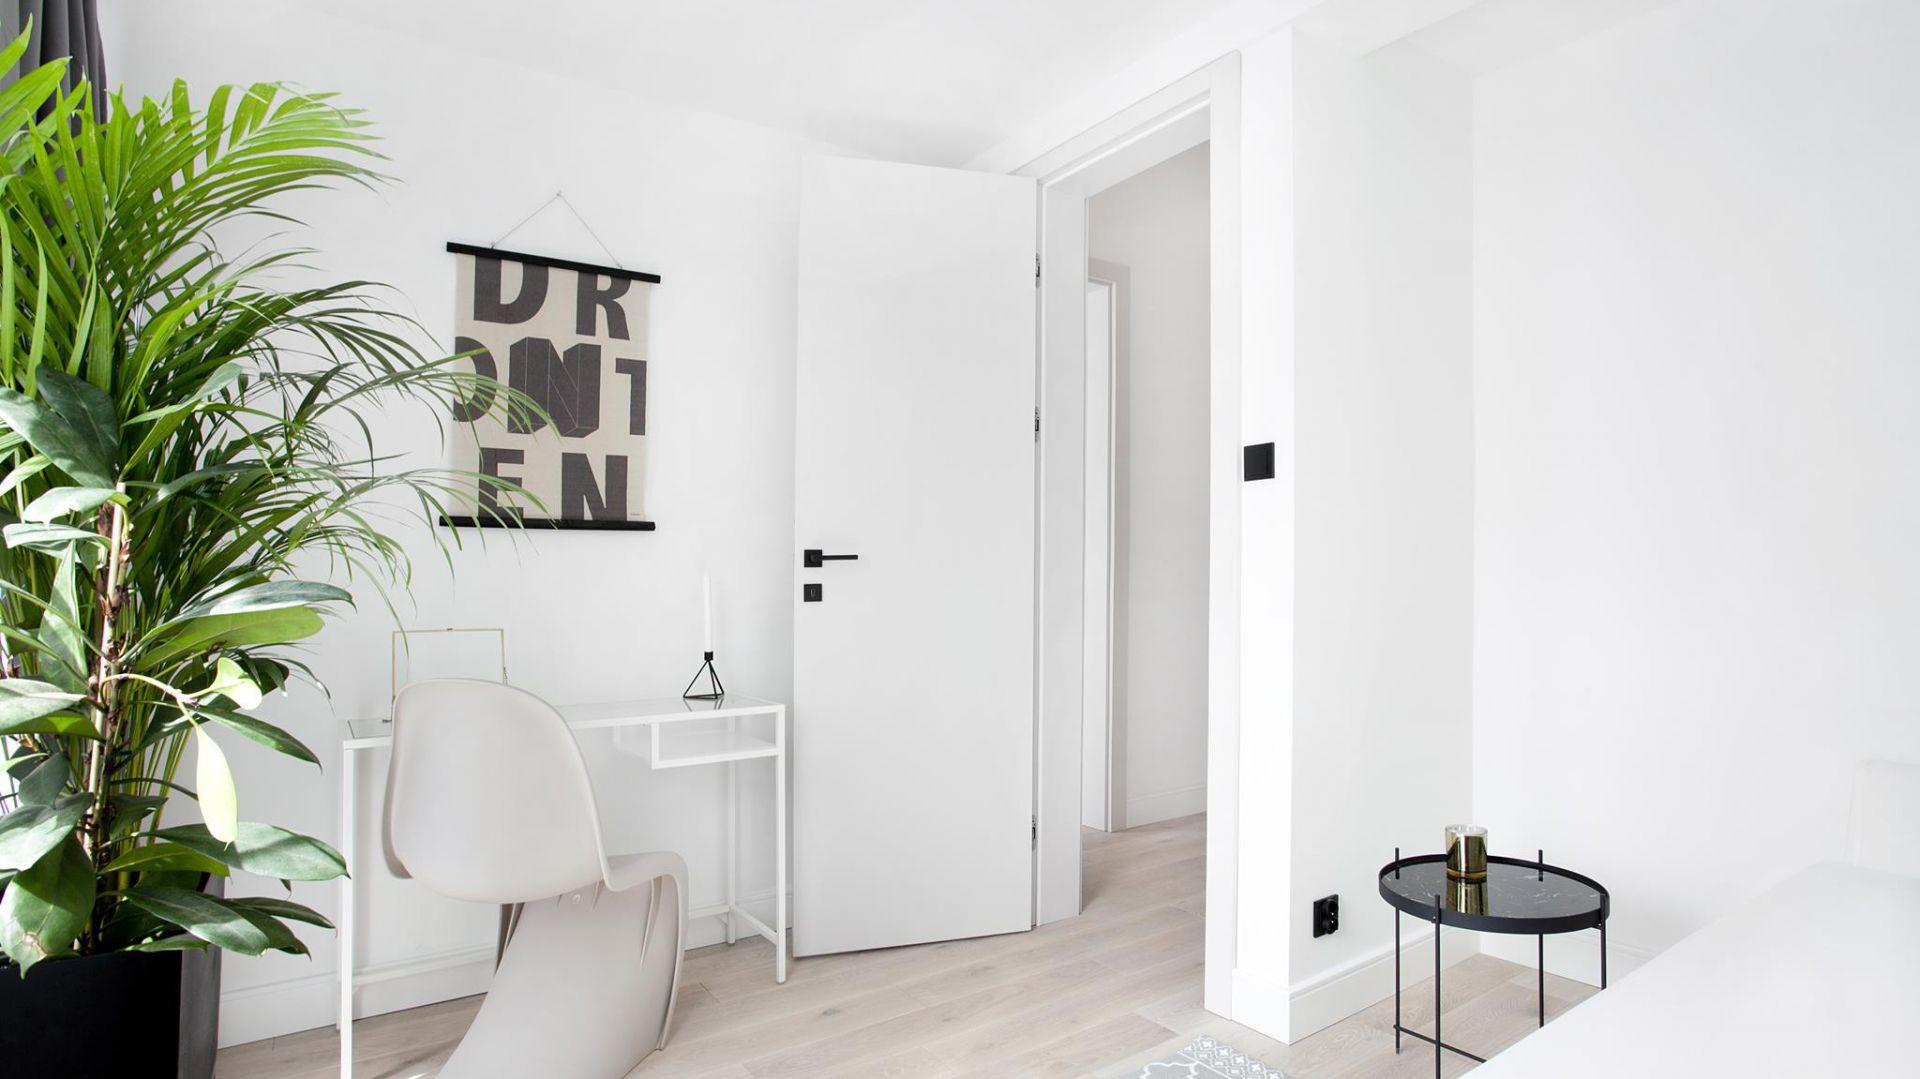 Na określony styl wnętrza ma wpływ  wiele czynników – kolory, faktura, kształty. Wybór mebli, dodatków i elementów wykończenia budują ten konkretny styl. Tak jest również z drzwiami. Fot. Inter Door